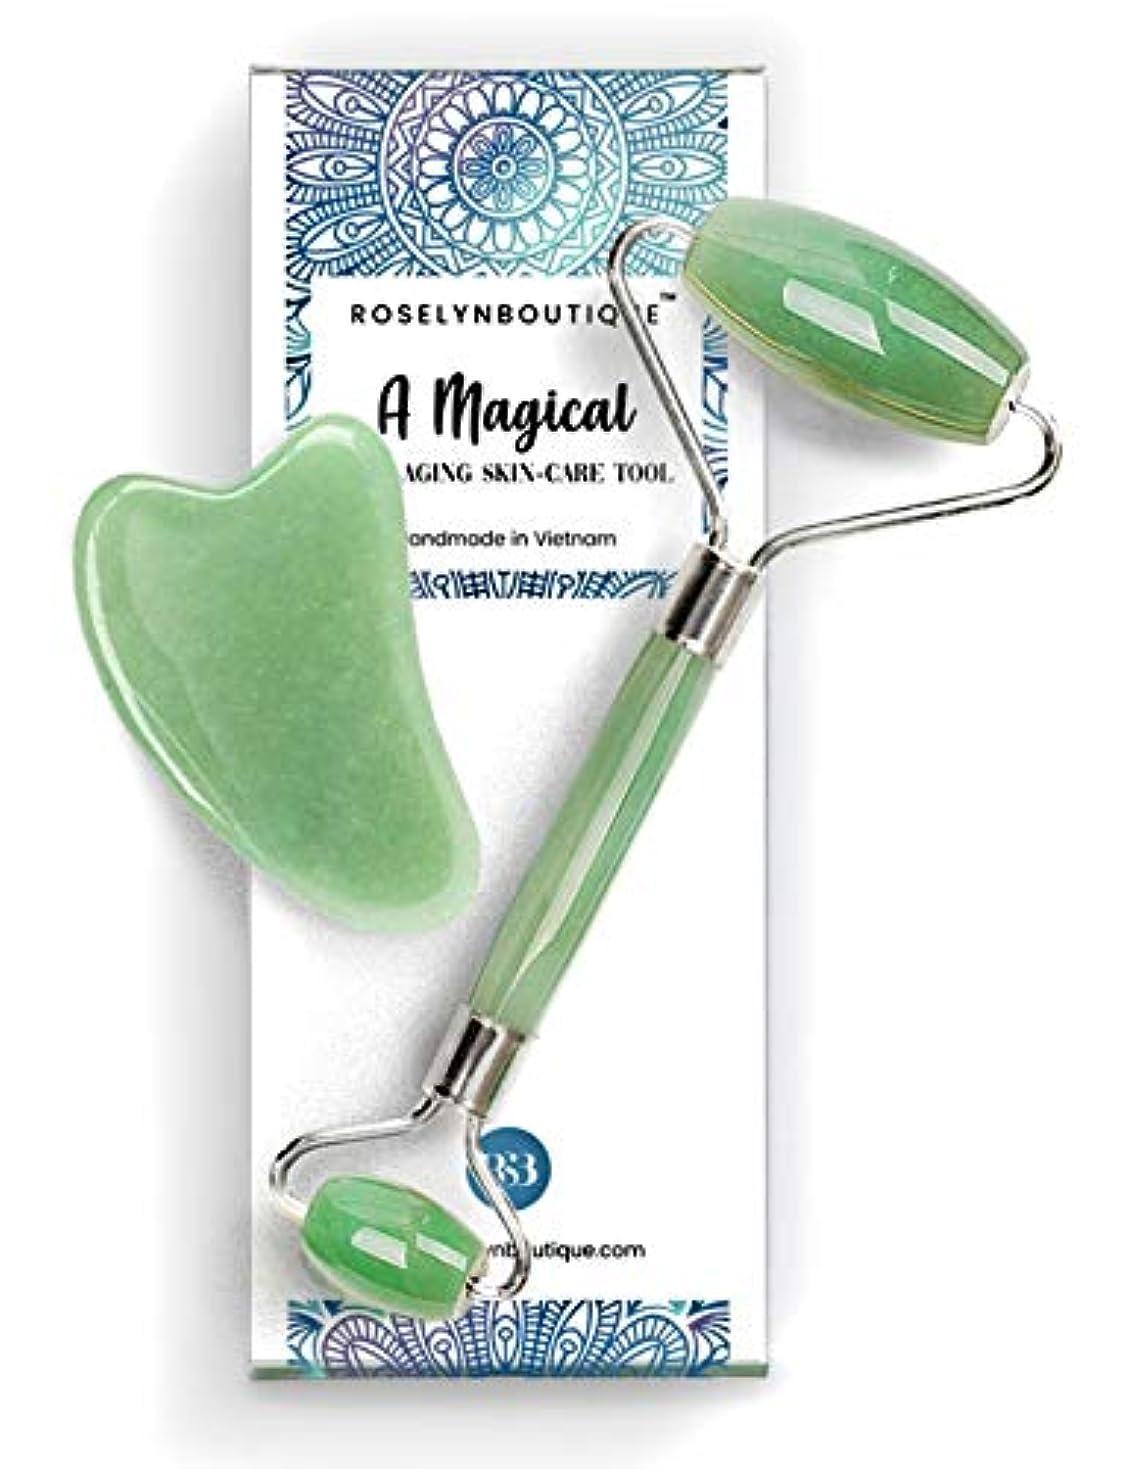 言うまでもなくマンハッタン認証Jade Roller for Face Perfect Skin Roller Massager Anti Aging Facial Therapy - Premium Real 100% Natural Jade Stone...